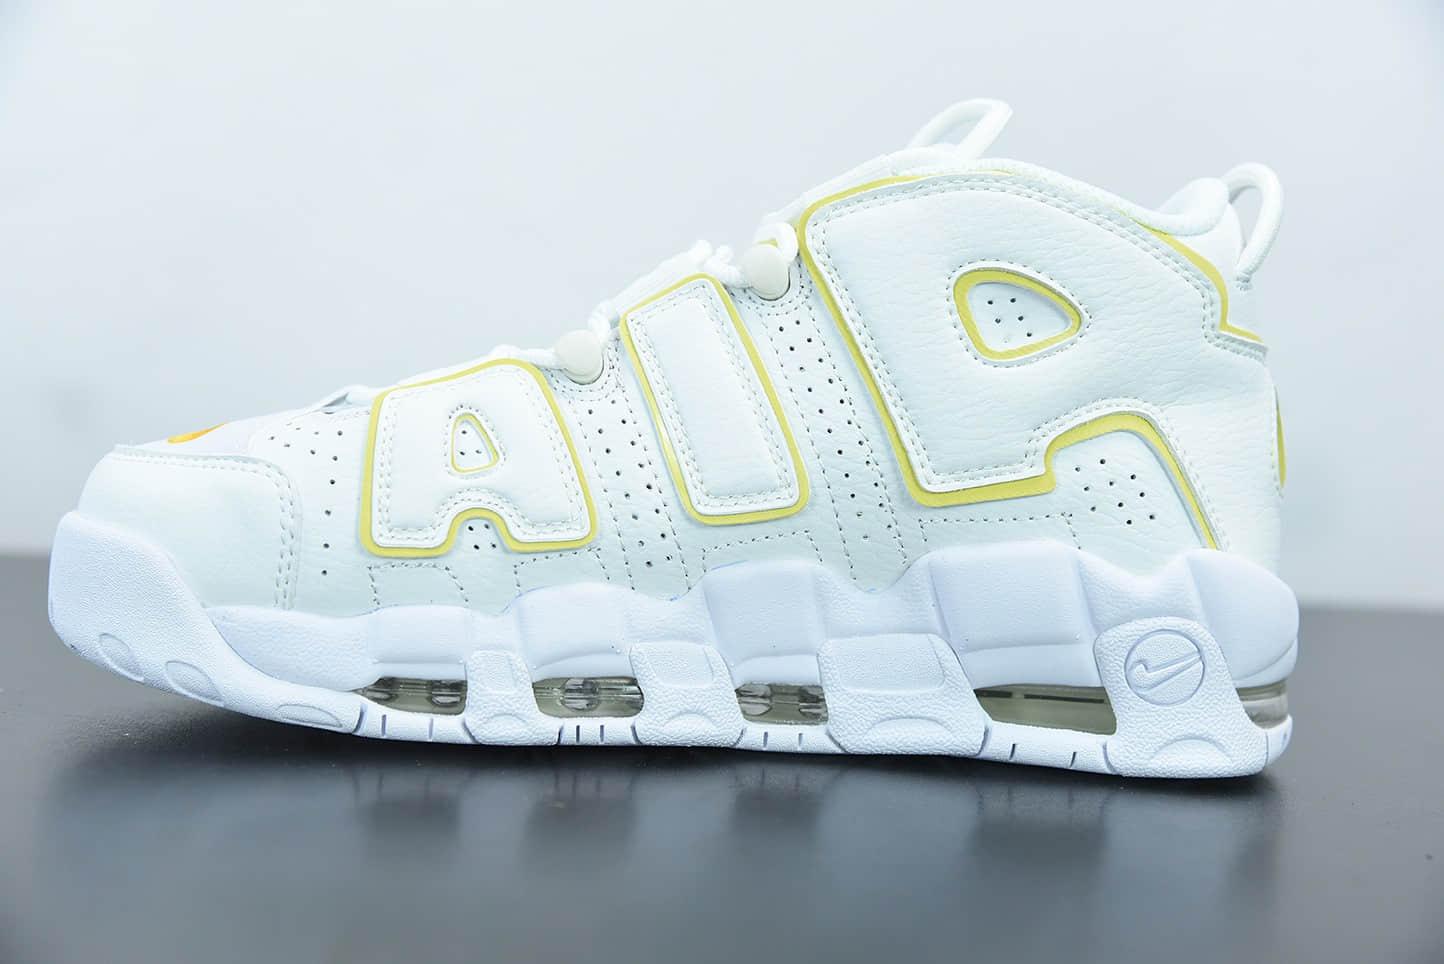 耐克Nike Air More Uptempo 大AIR皮蓬白黄复古篮球鞋纯原版本 货号: DM3035-100